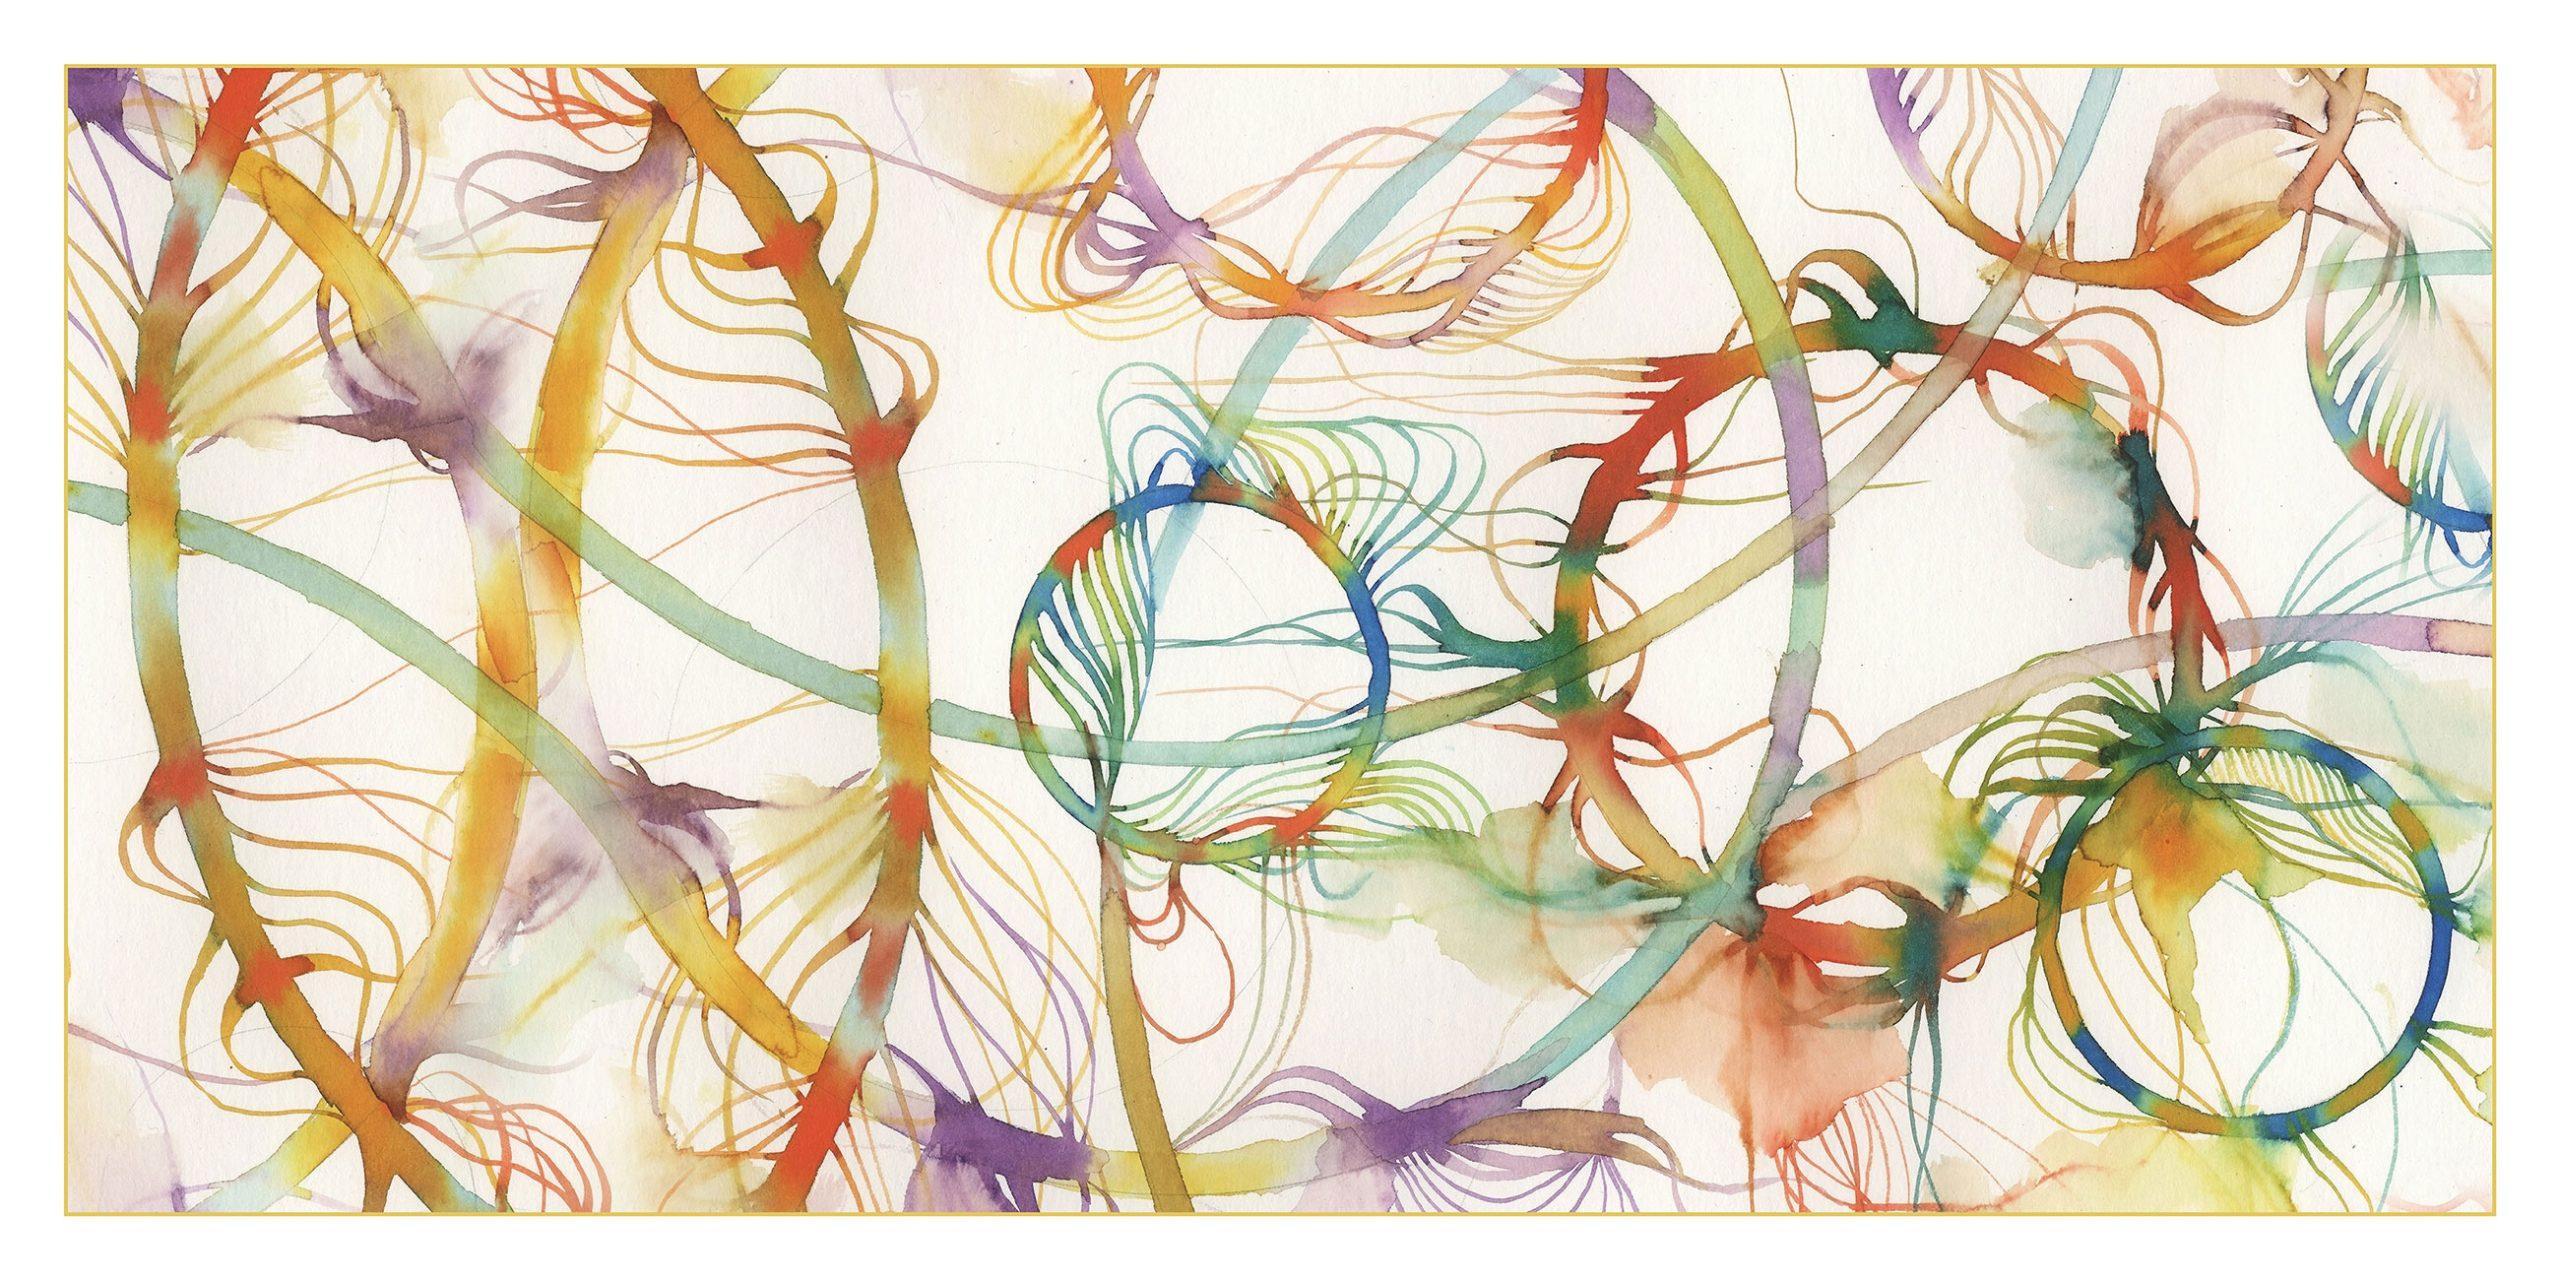 floating-colors-cm60-x-cm120.